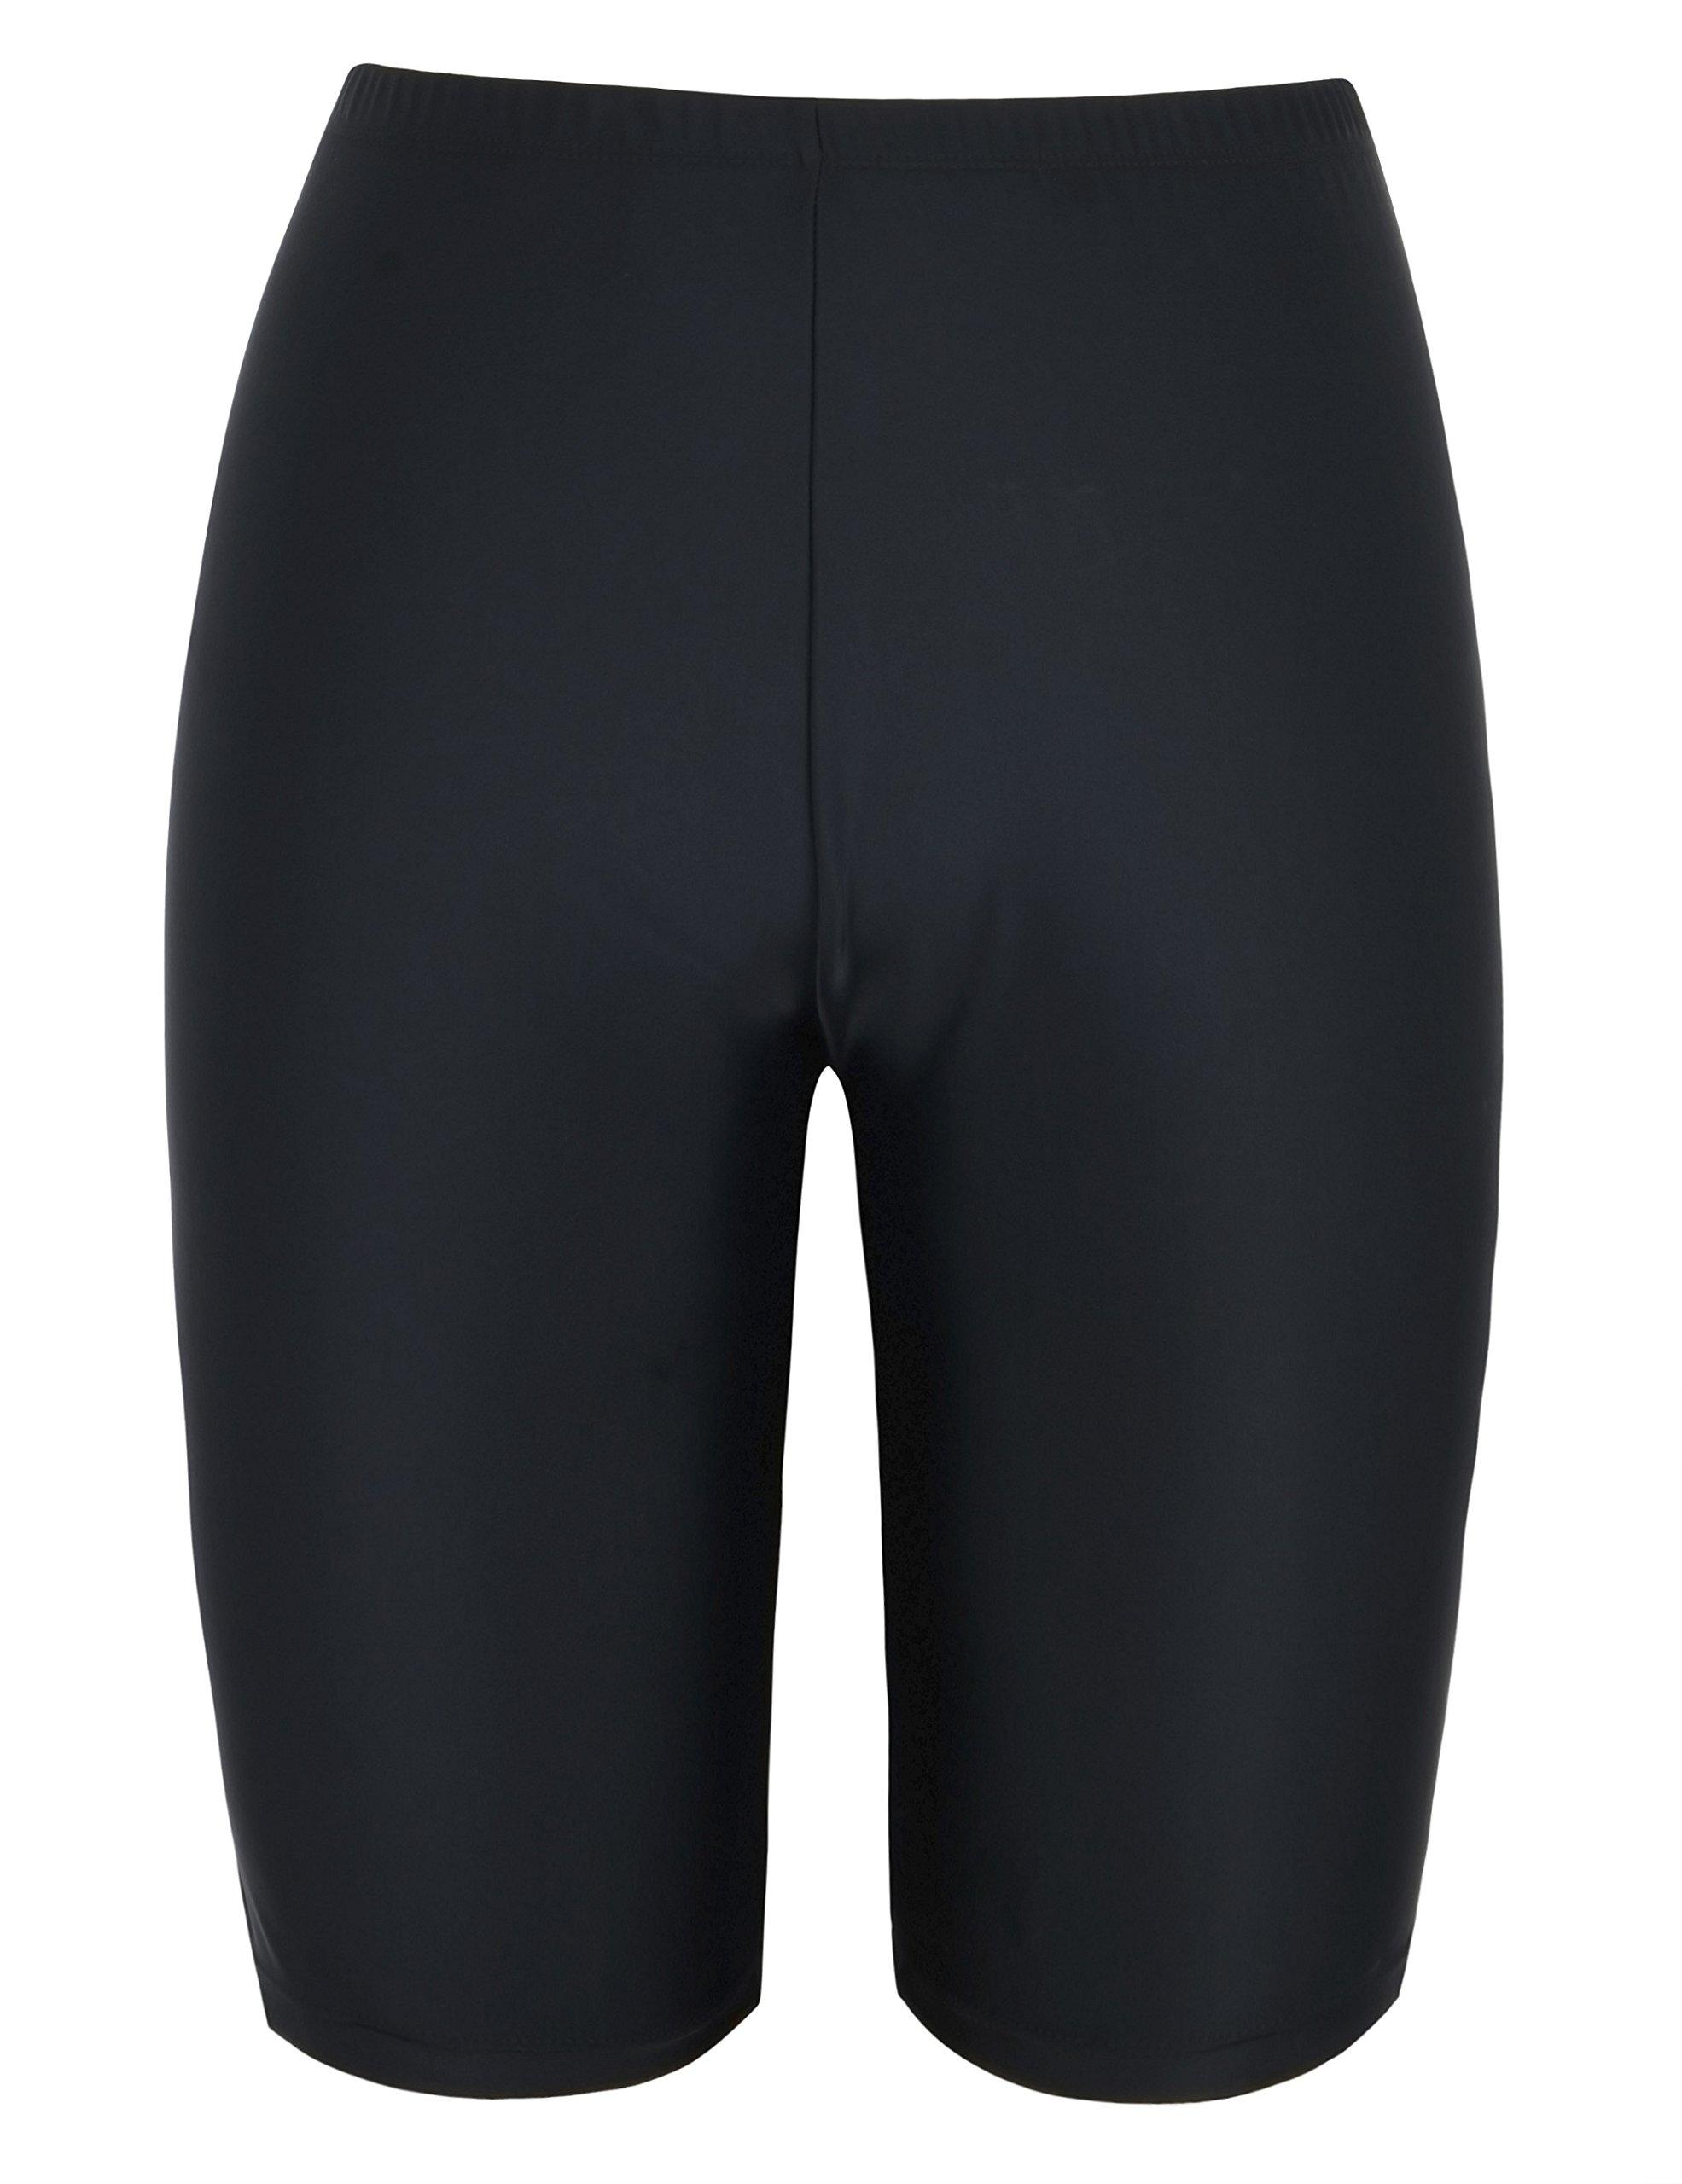 Firpearl Women's UPF50+ Sport Board Shorts Swimsuit Bottom Capris US16 Black by Firpearl